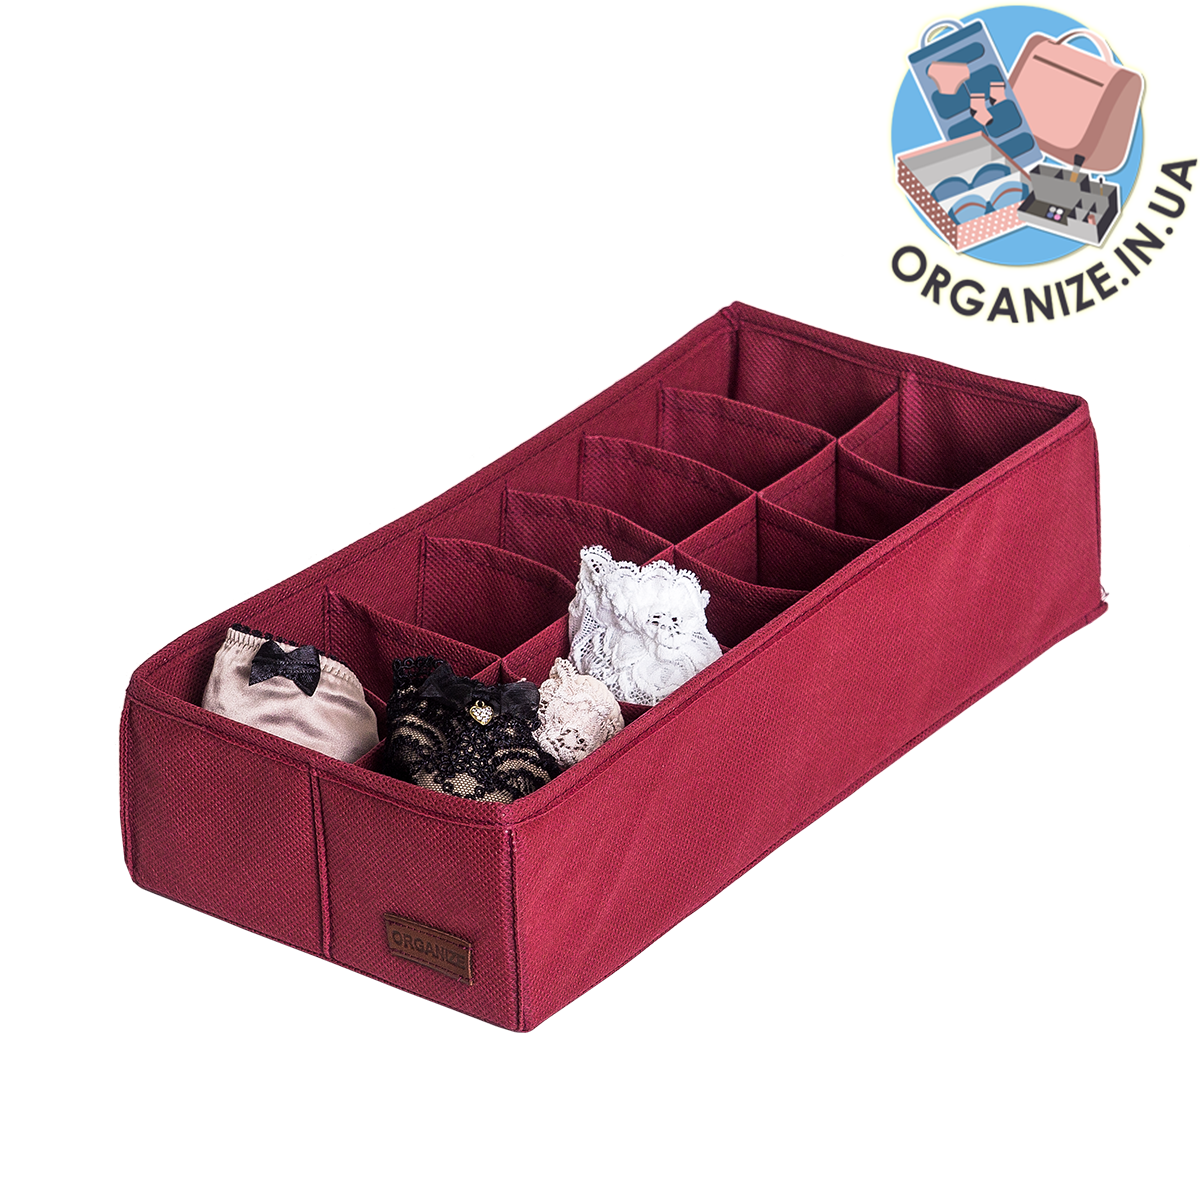 Коробочка с квадратными ячейками для носков и трусов ORGANIZE (бордо)